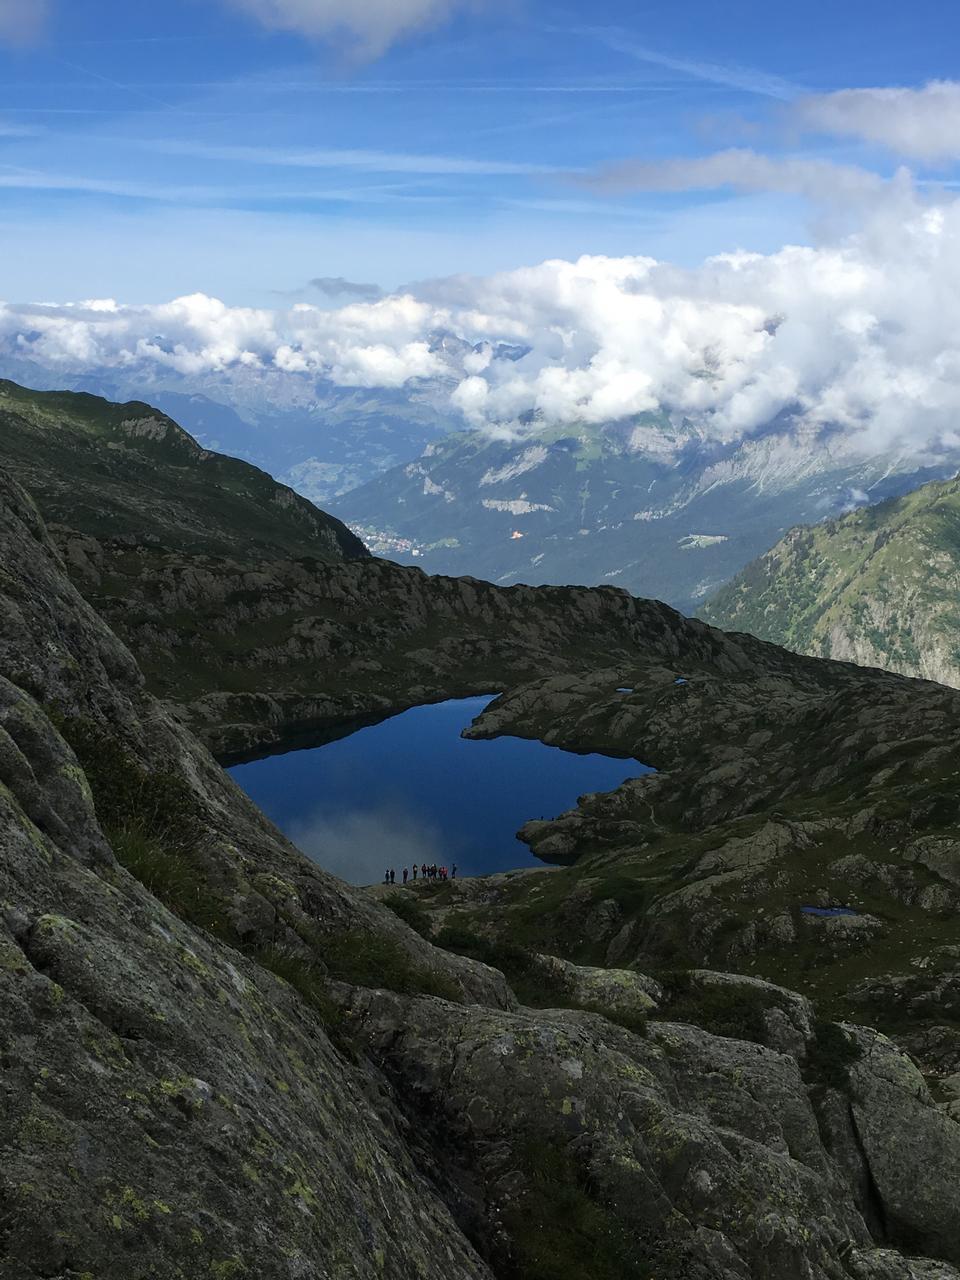 Bremon湖在夏蒙尼勃朗峰在法國